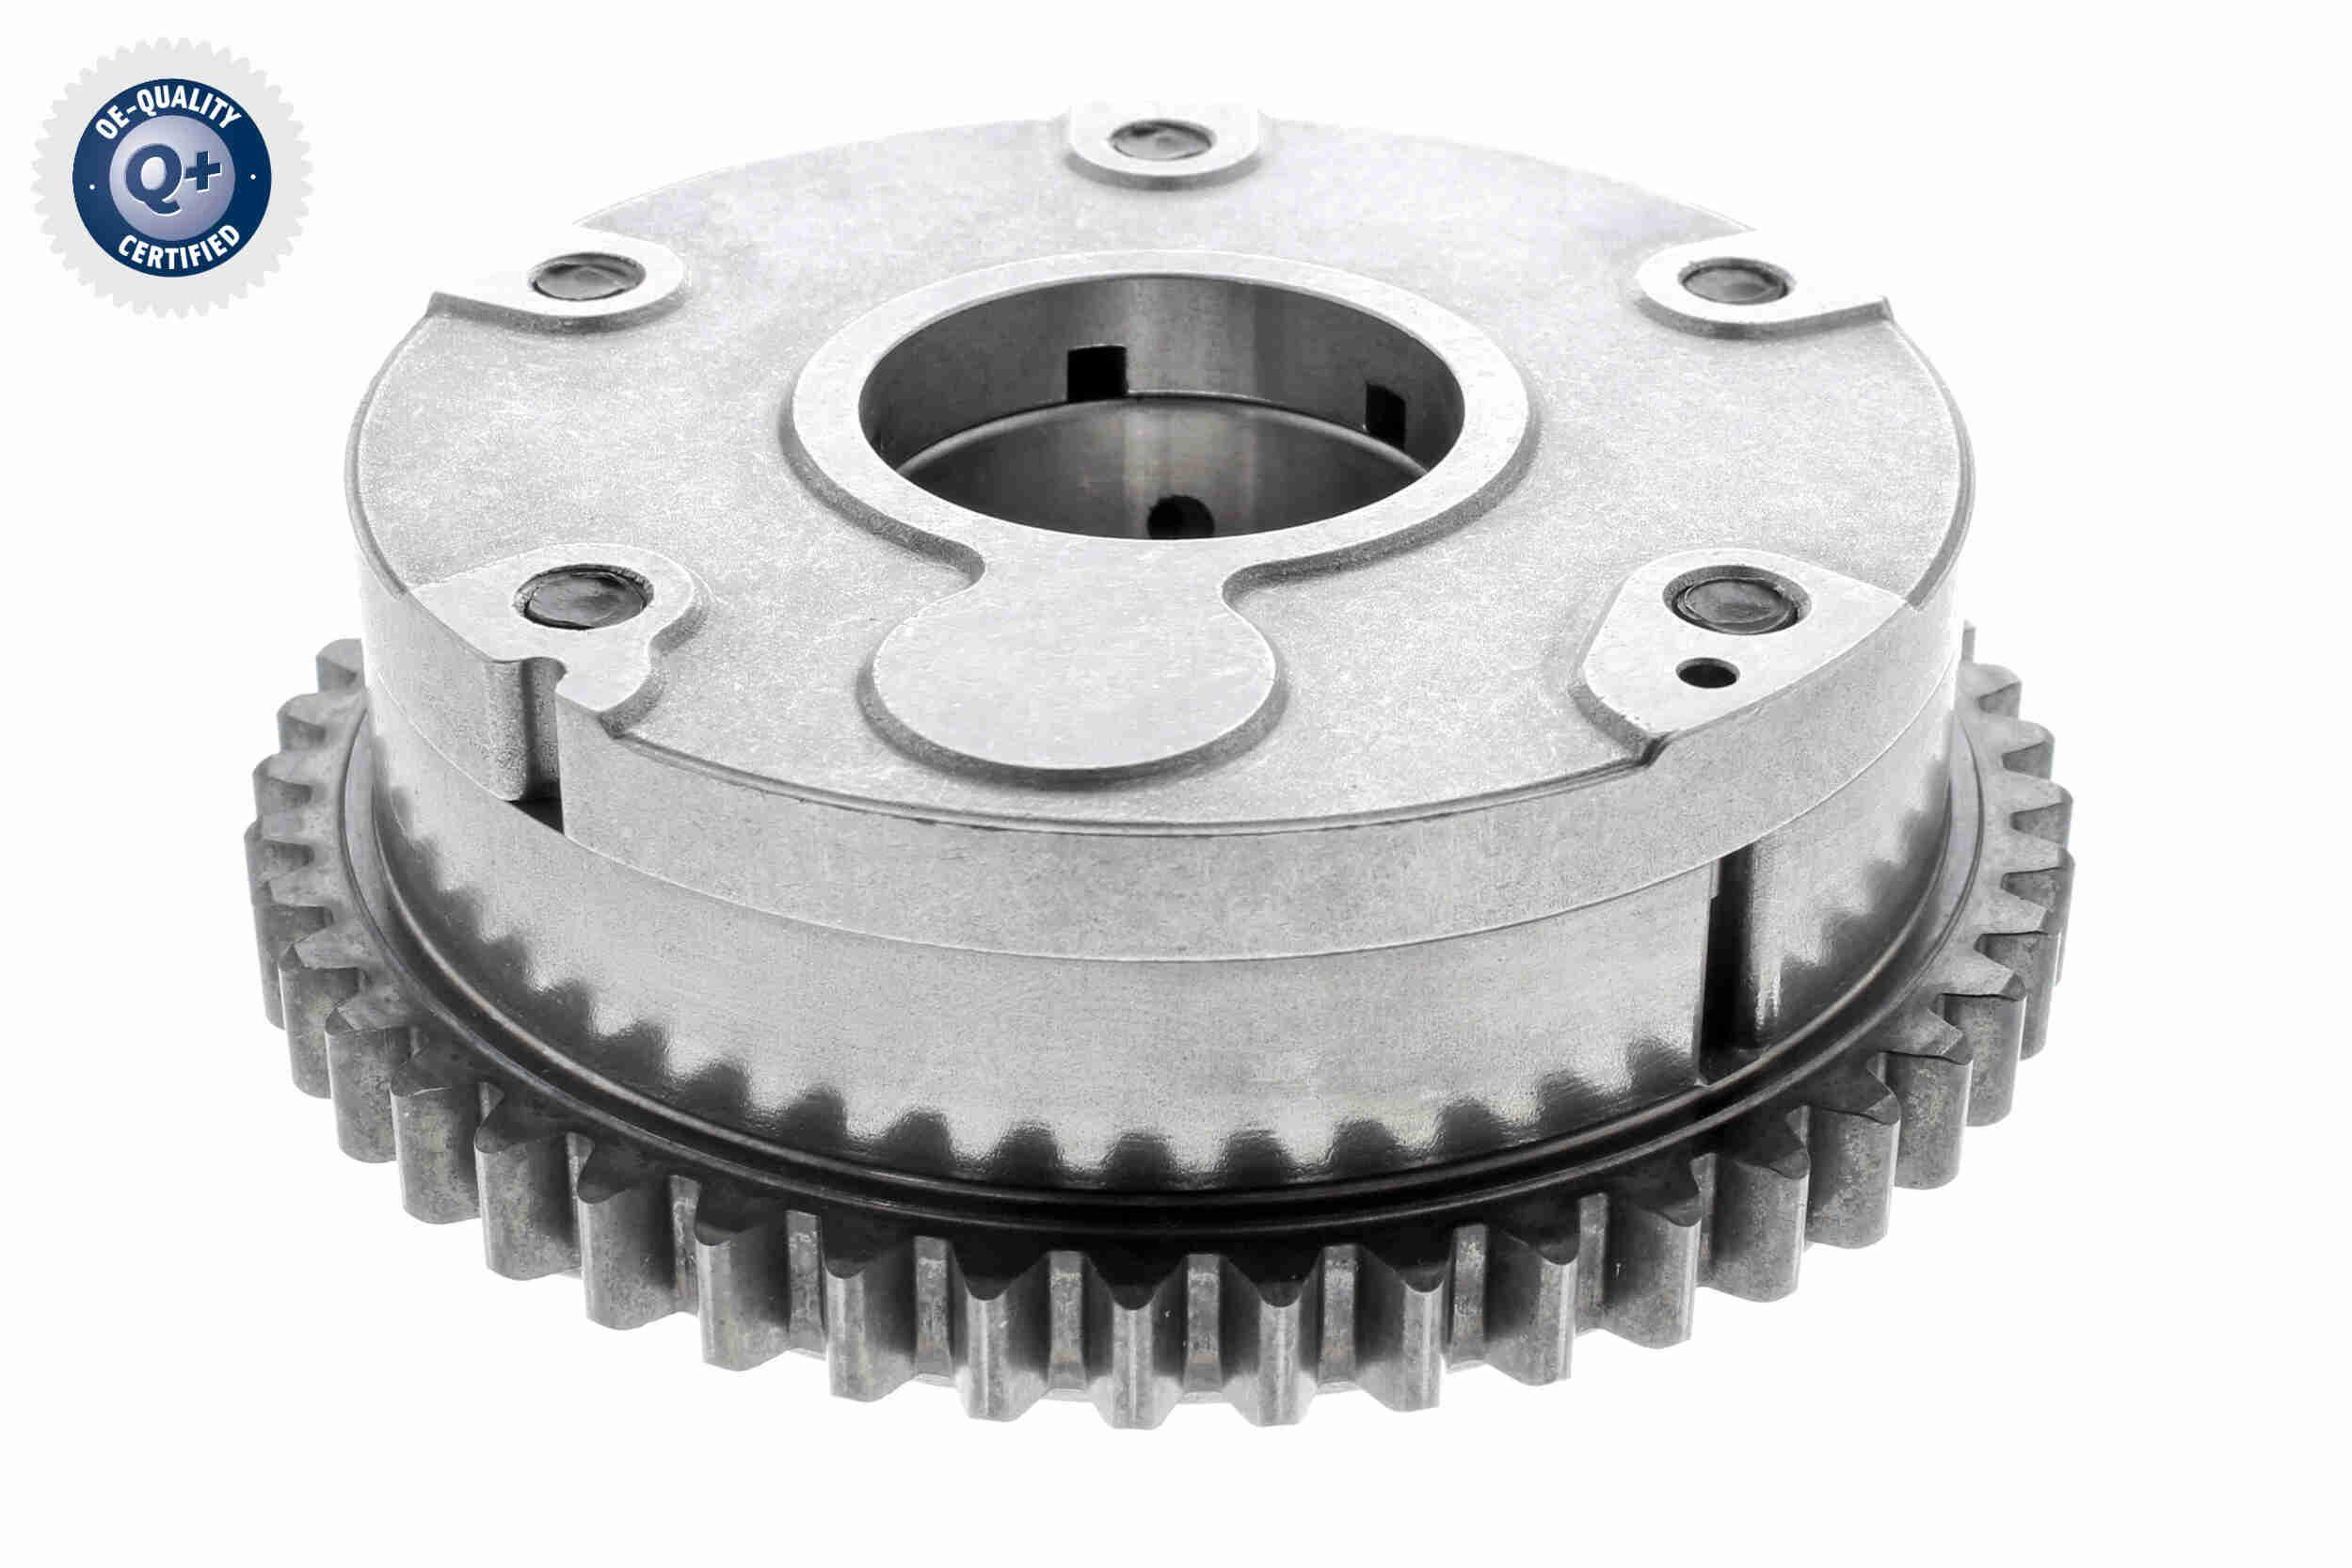 Nockenwellenversteller ACKOJA A26-0377 Bewertung